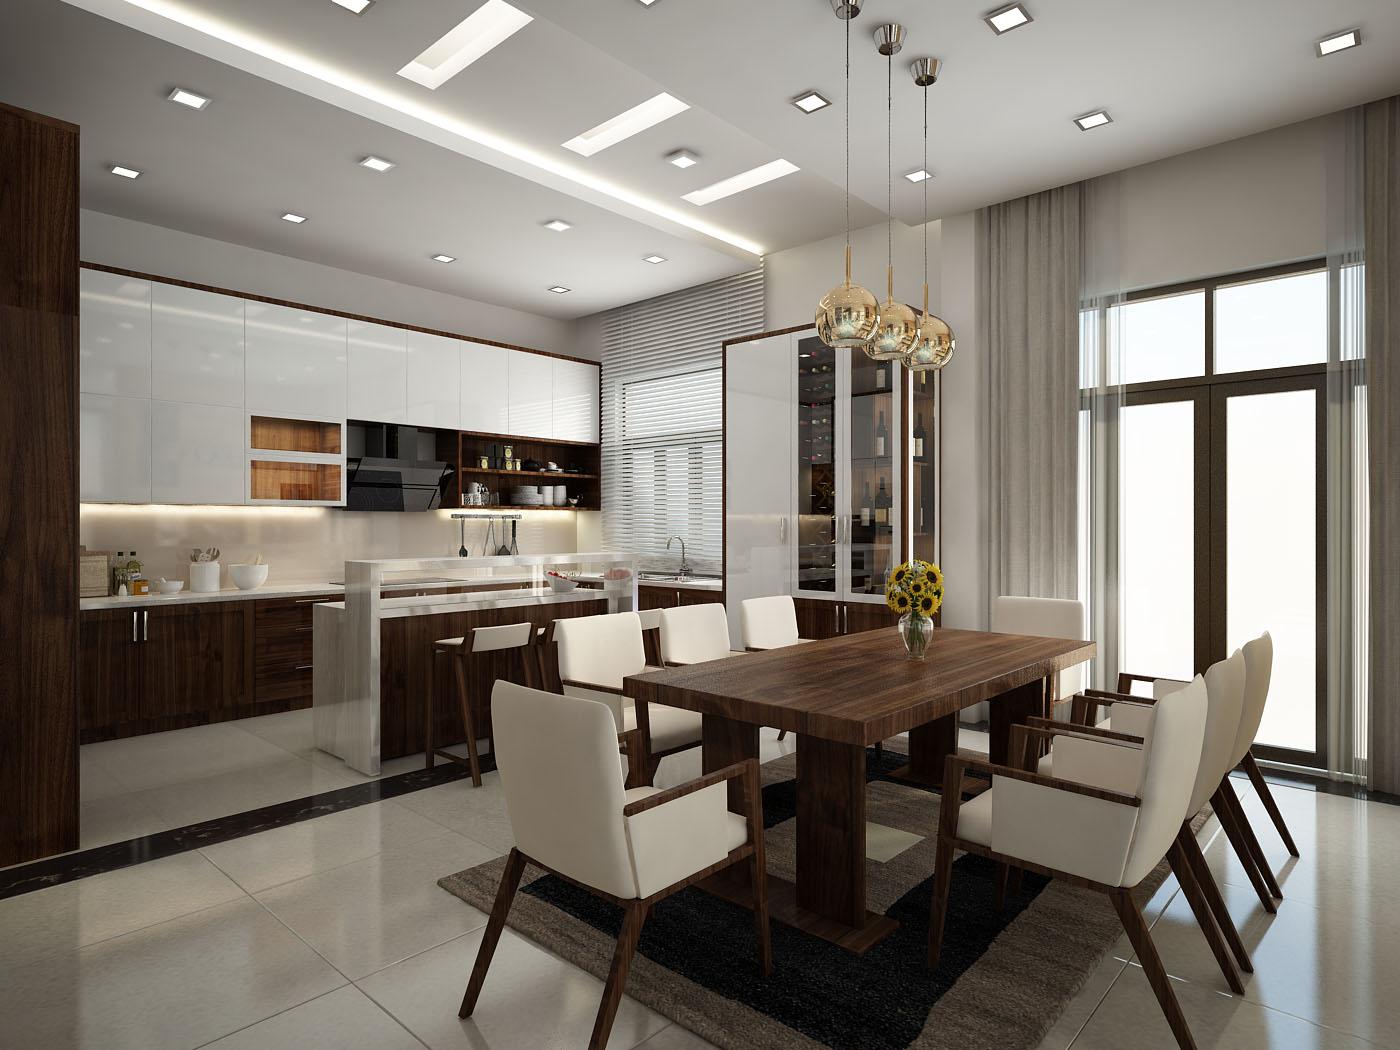 Chọn vật liệu cho tủ bếp cao cấp, bền đẹp, chi phí hợp lý?